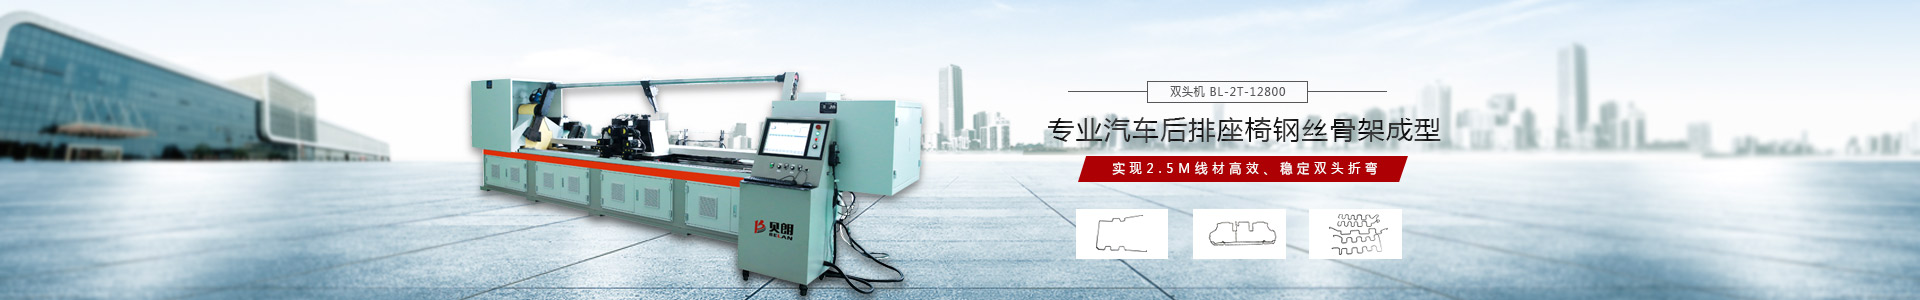 数控xian材折wanji_xian材成型ji-东莞ag利lai自动hua设备